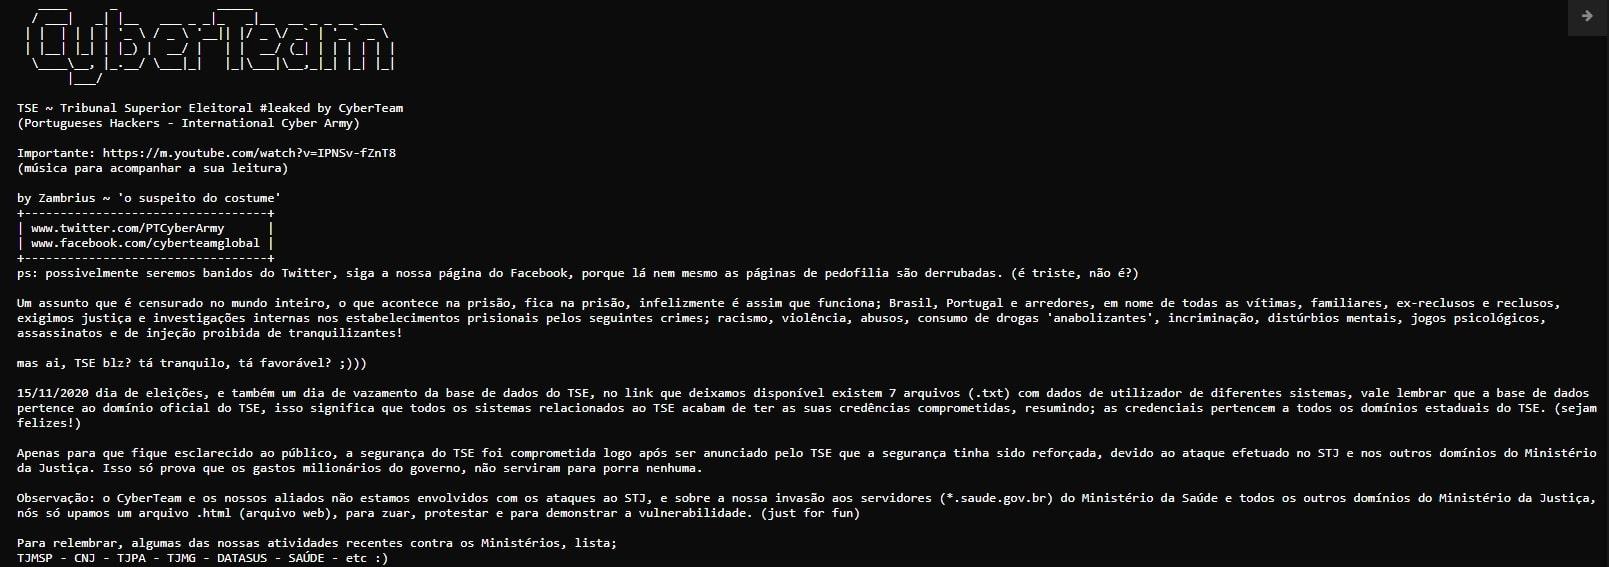 Mensagem CyberTeam hack TSE